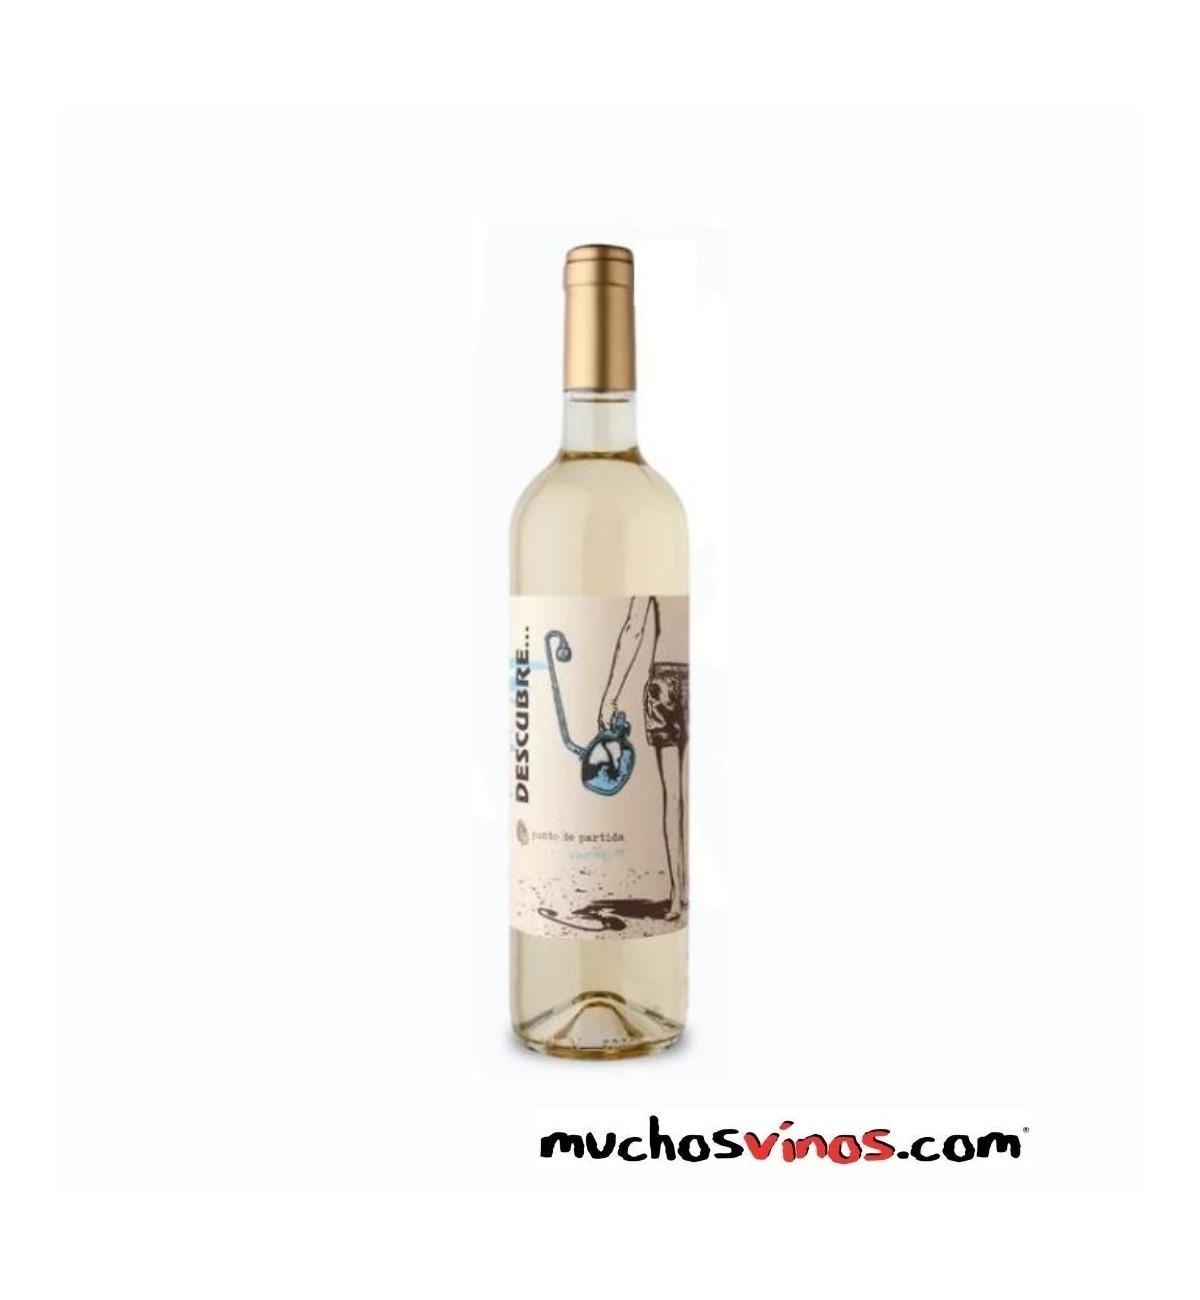 Descubre... * Vino Blanco, Verdejo, Jumilla